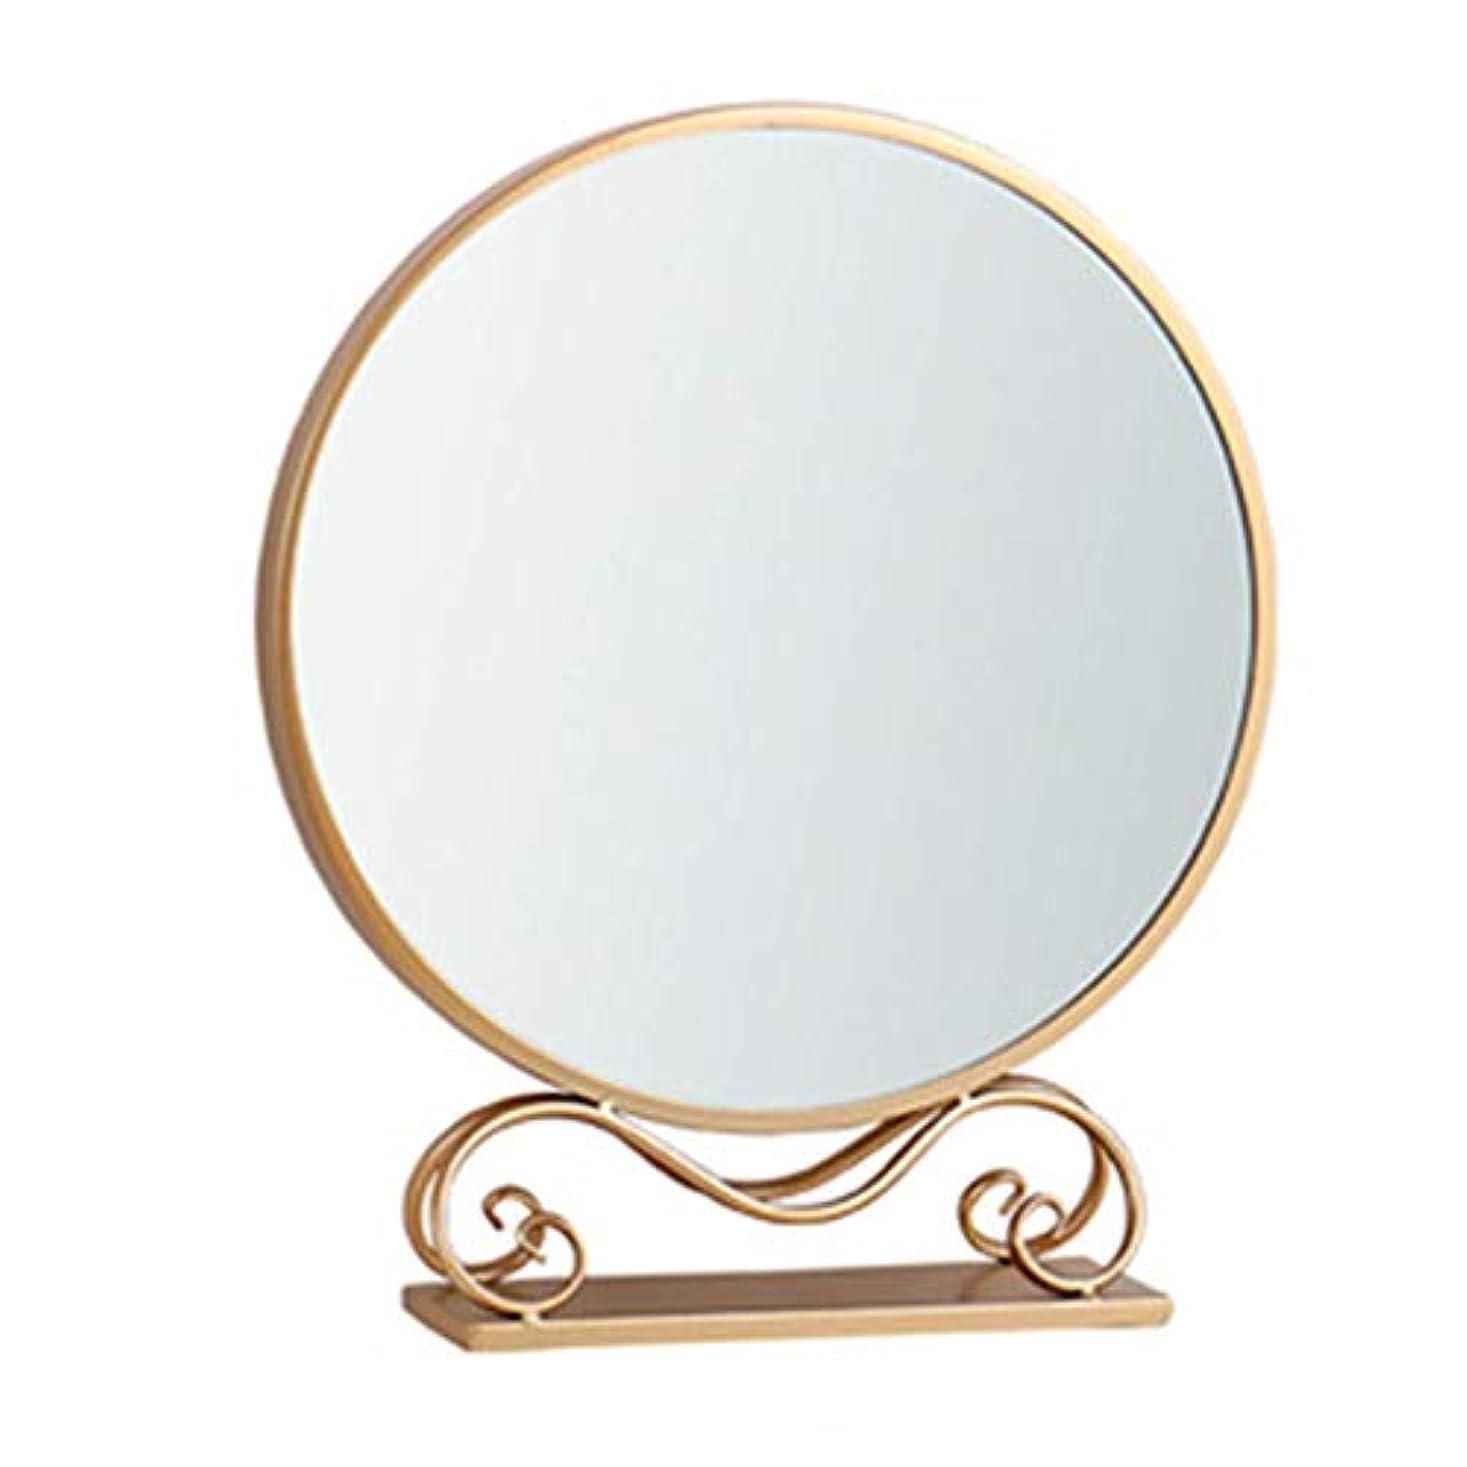 中央値ハミングバード醸造所北欧化粧鏡、デスクトップホームデスクトップミラー、錬鉄製の壁鏡、純赤のイン、円形のドレッサーミラー、クリアミラー、滑らかなペンキ、無塗装、無褪色、,Gold,59*30cm